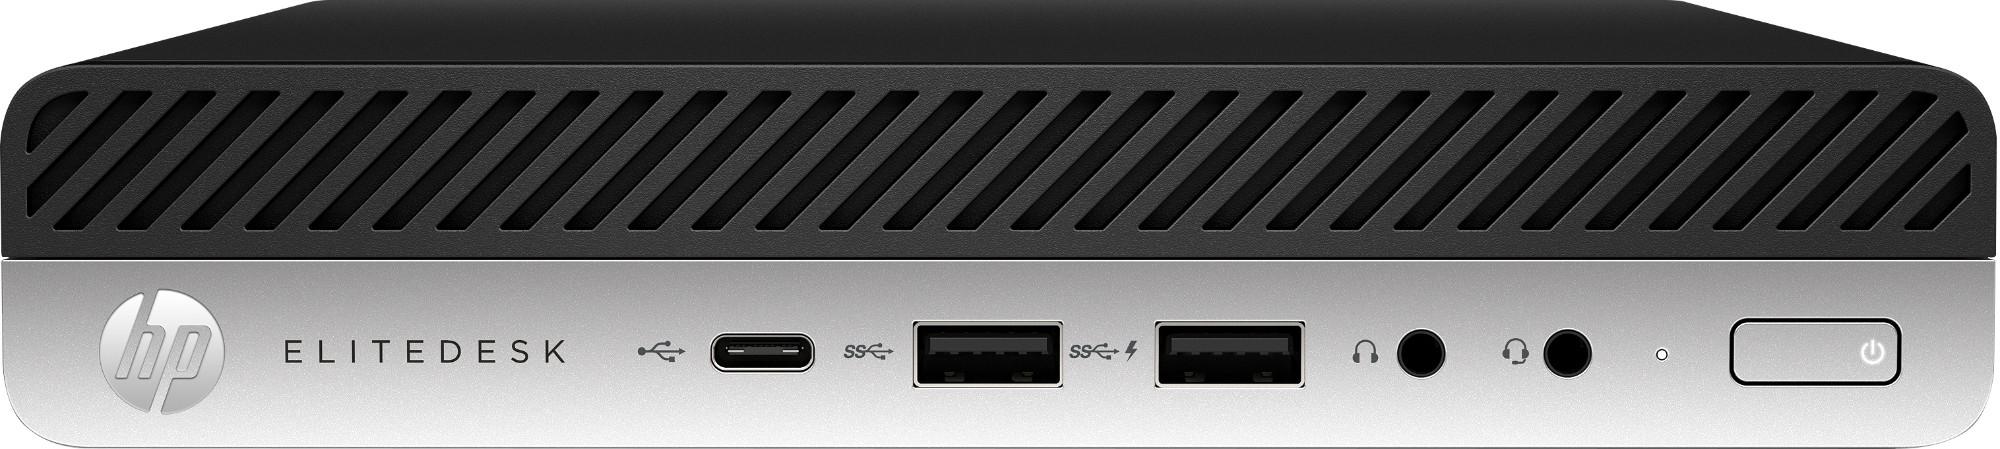 EliteDesk 705 G4 DM - A3 2200GE - 8GB RAM - 256GB SSD - Win10 Pro